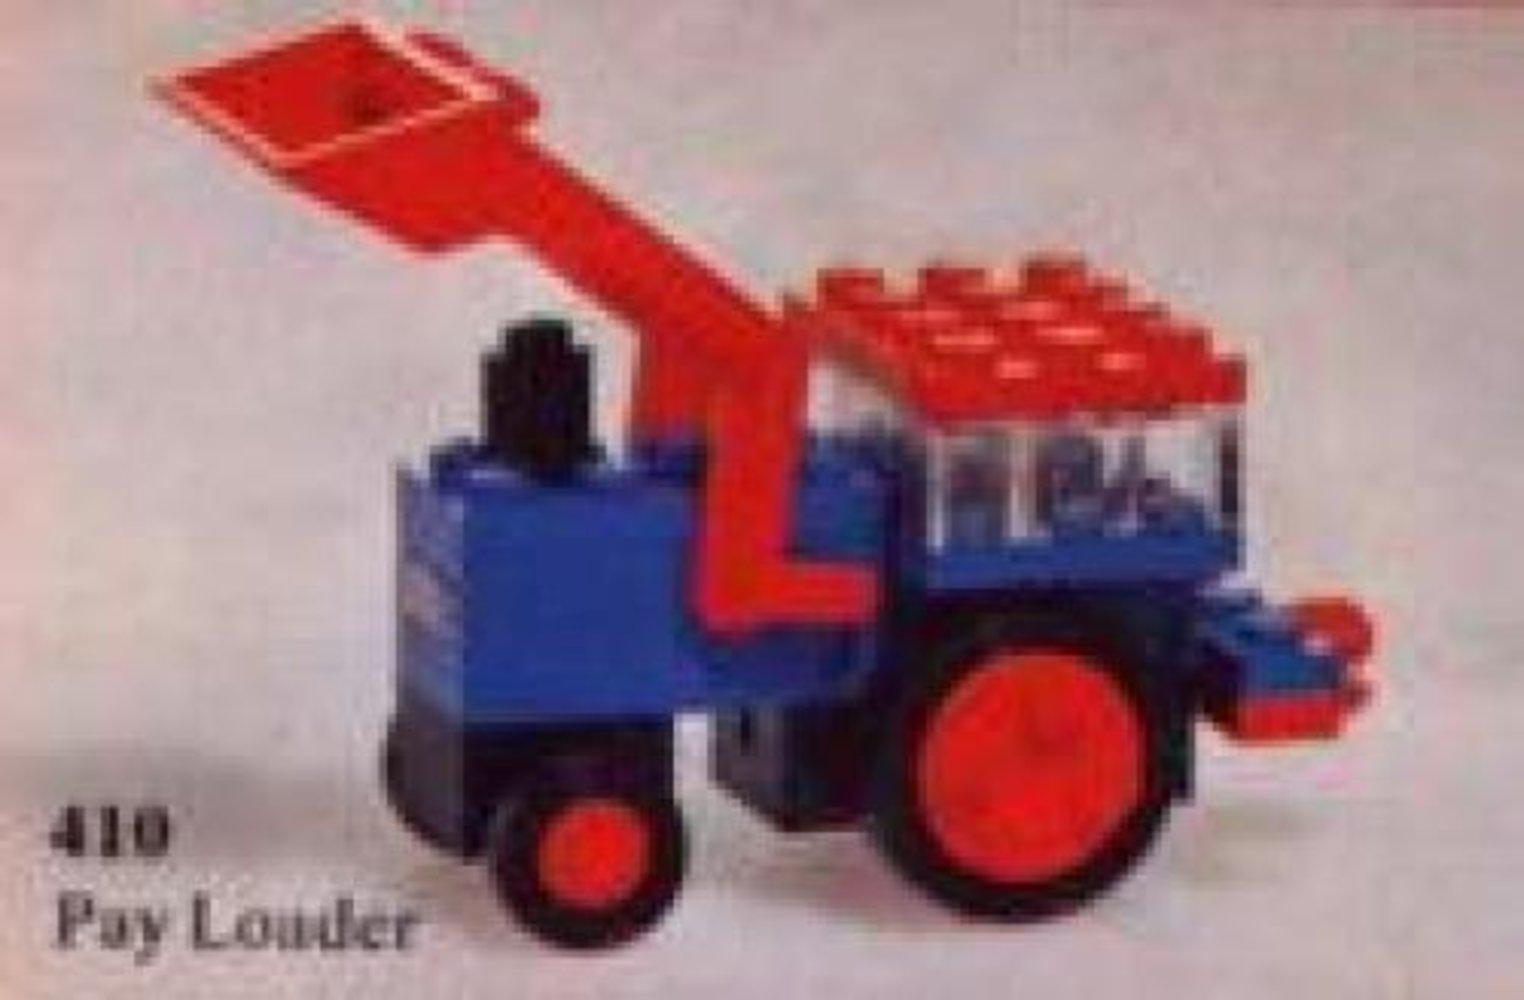 Payloader